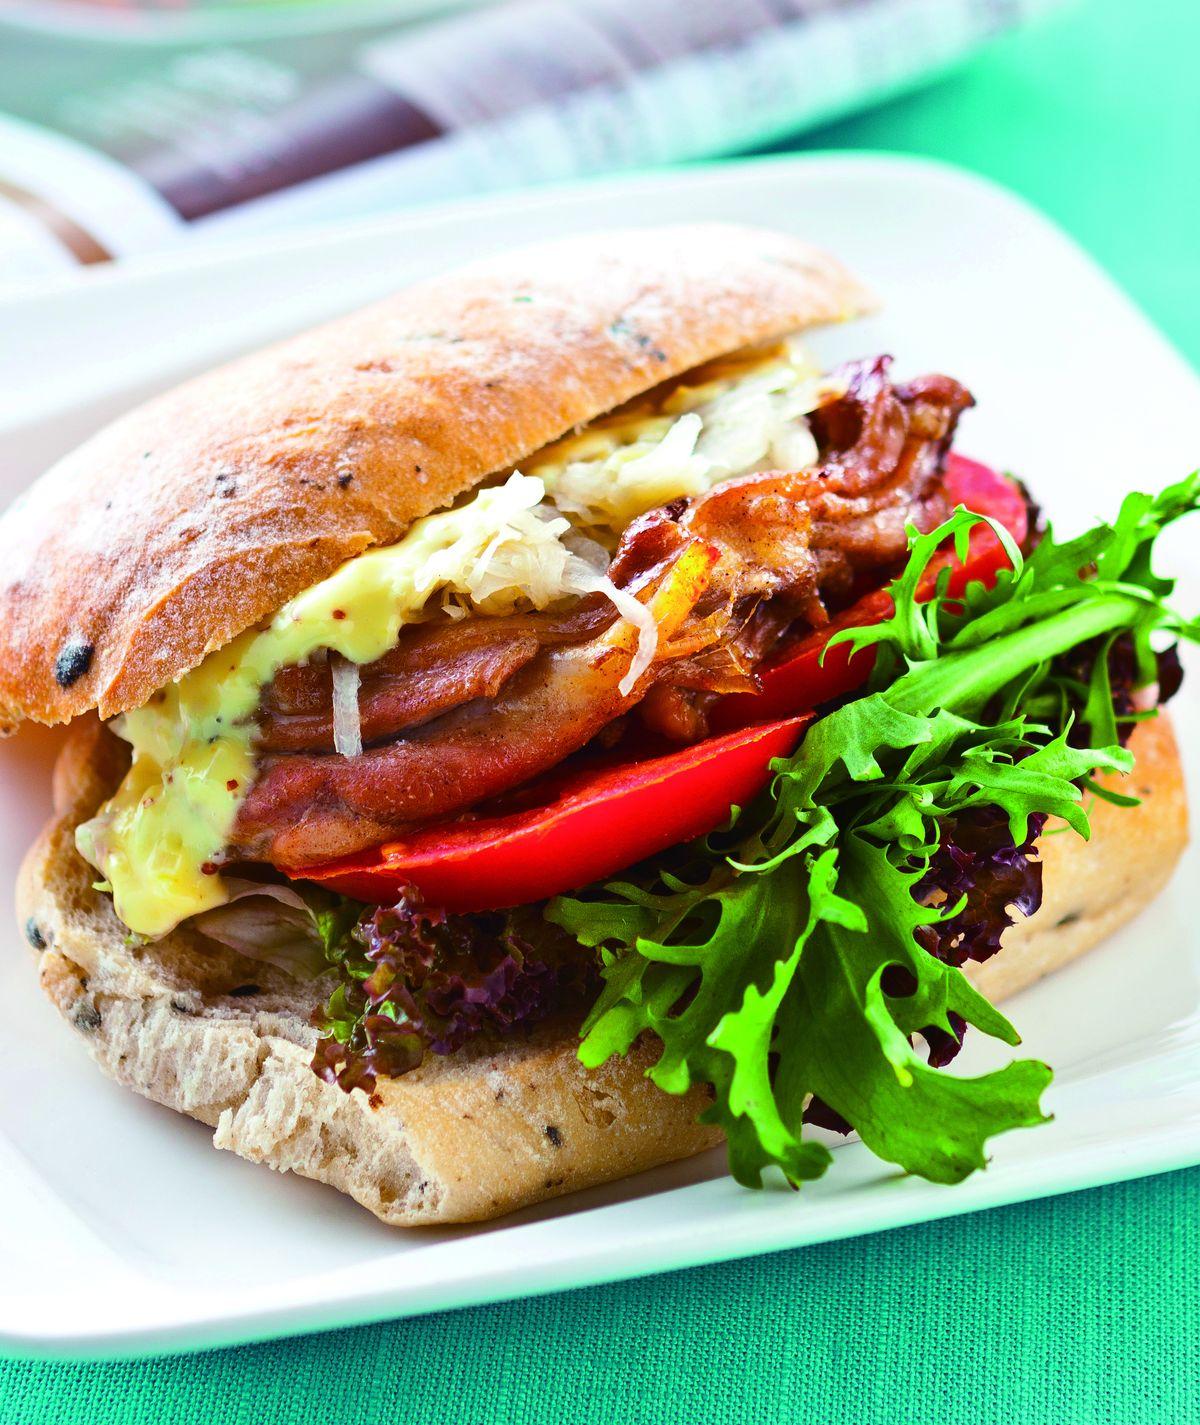 食譜:烤雞腿酸菜三明治